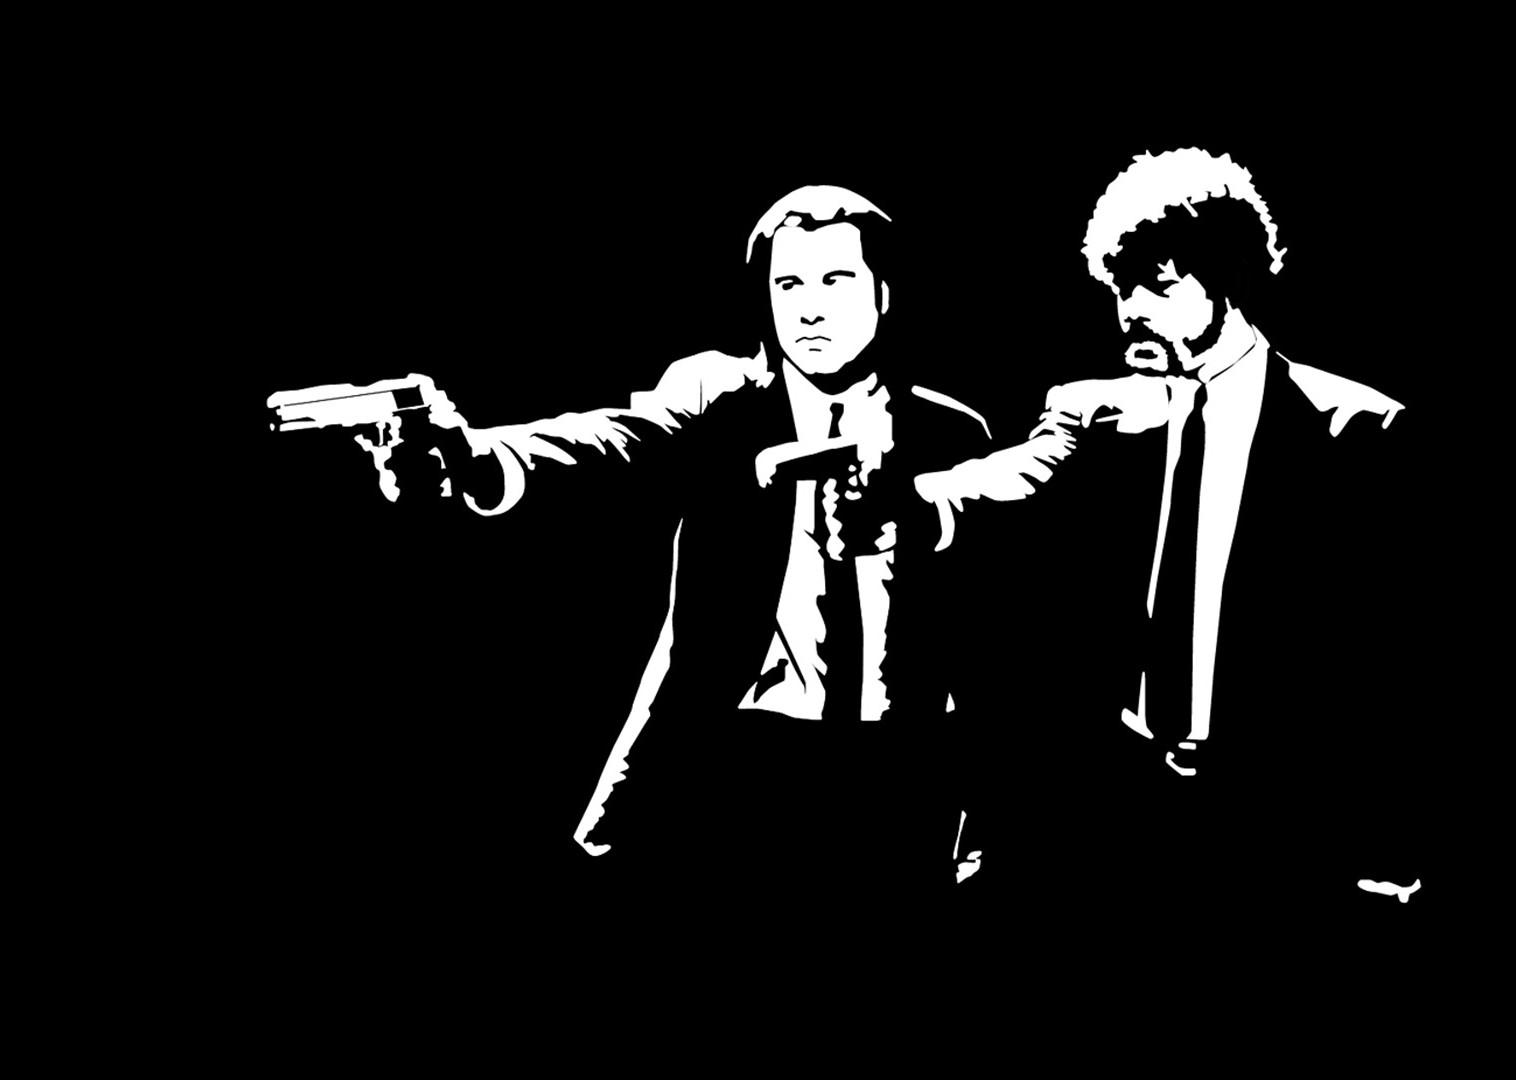 криминальное-чтиво-черно-белое-фото-песочница-707678